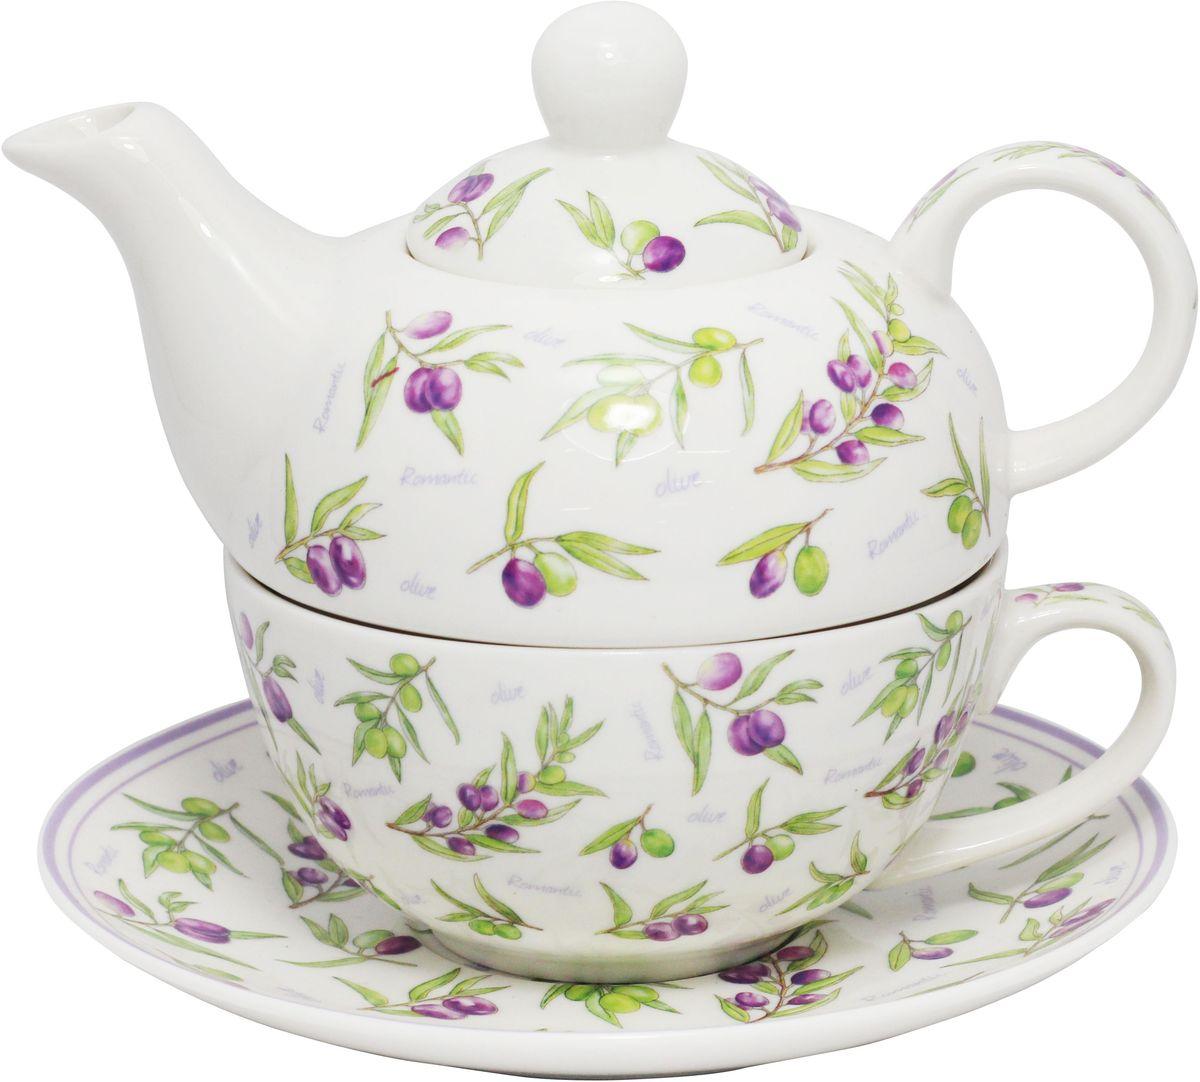 Набор чайный JEWEL Оливки, 3 предметаПКГО0005Чайный набор JEWEL Оливки изготовлен из высококачественного фарфора. Набор состоит из чайника, чашки и блюдца. Изделия украшены изящным рисунком и придутся по вкусу как ценителям классики, так и тем кто предпочитает современный стиль.Объем чайника: 400 мл.Объем чашки: 300 мл.Диаметр блюдца: 16,7 см.